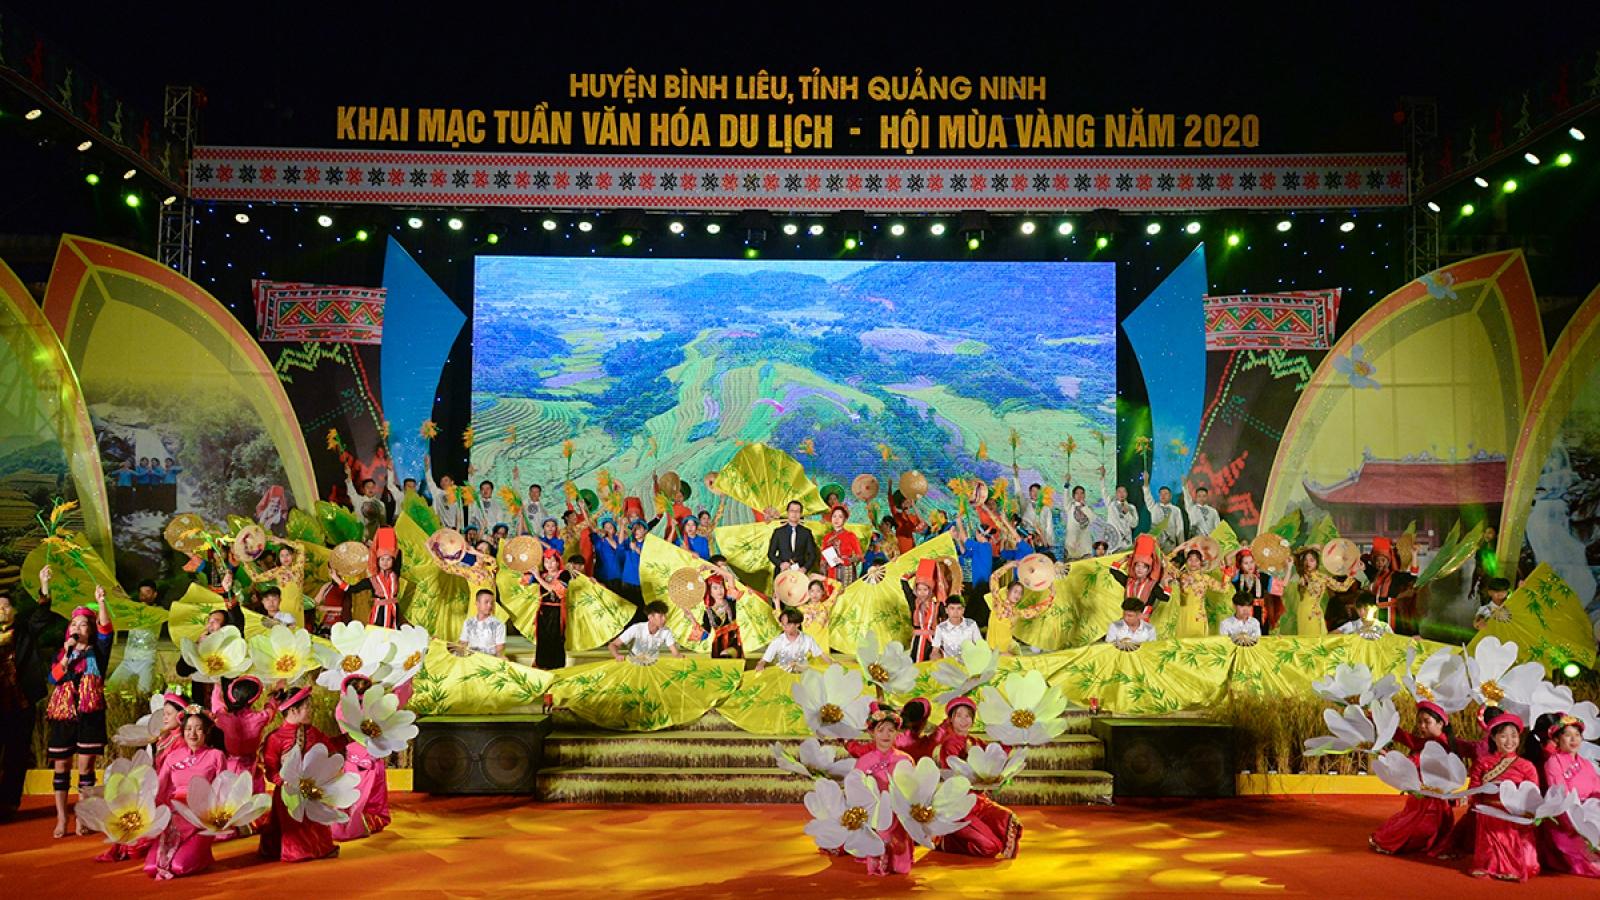 Hội mùa vàng Bình Liêu - Sản phẩm du lịch mới của Quảng Ninh